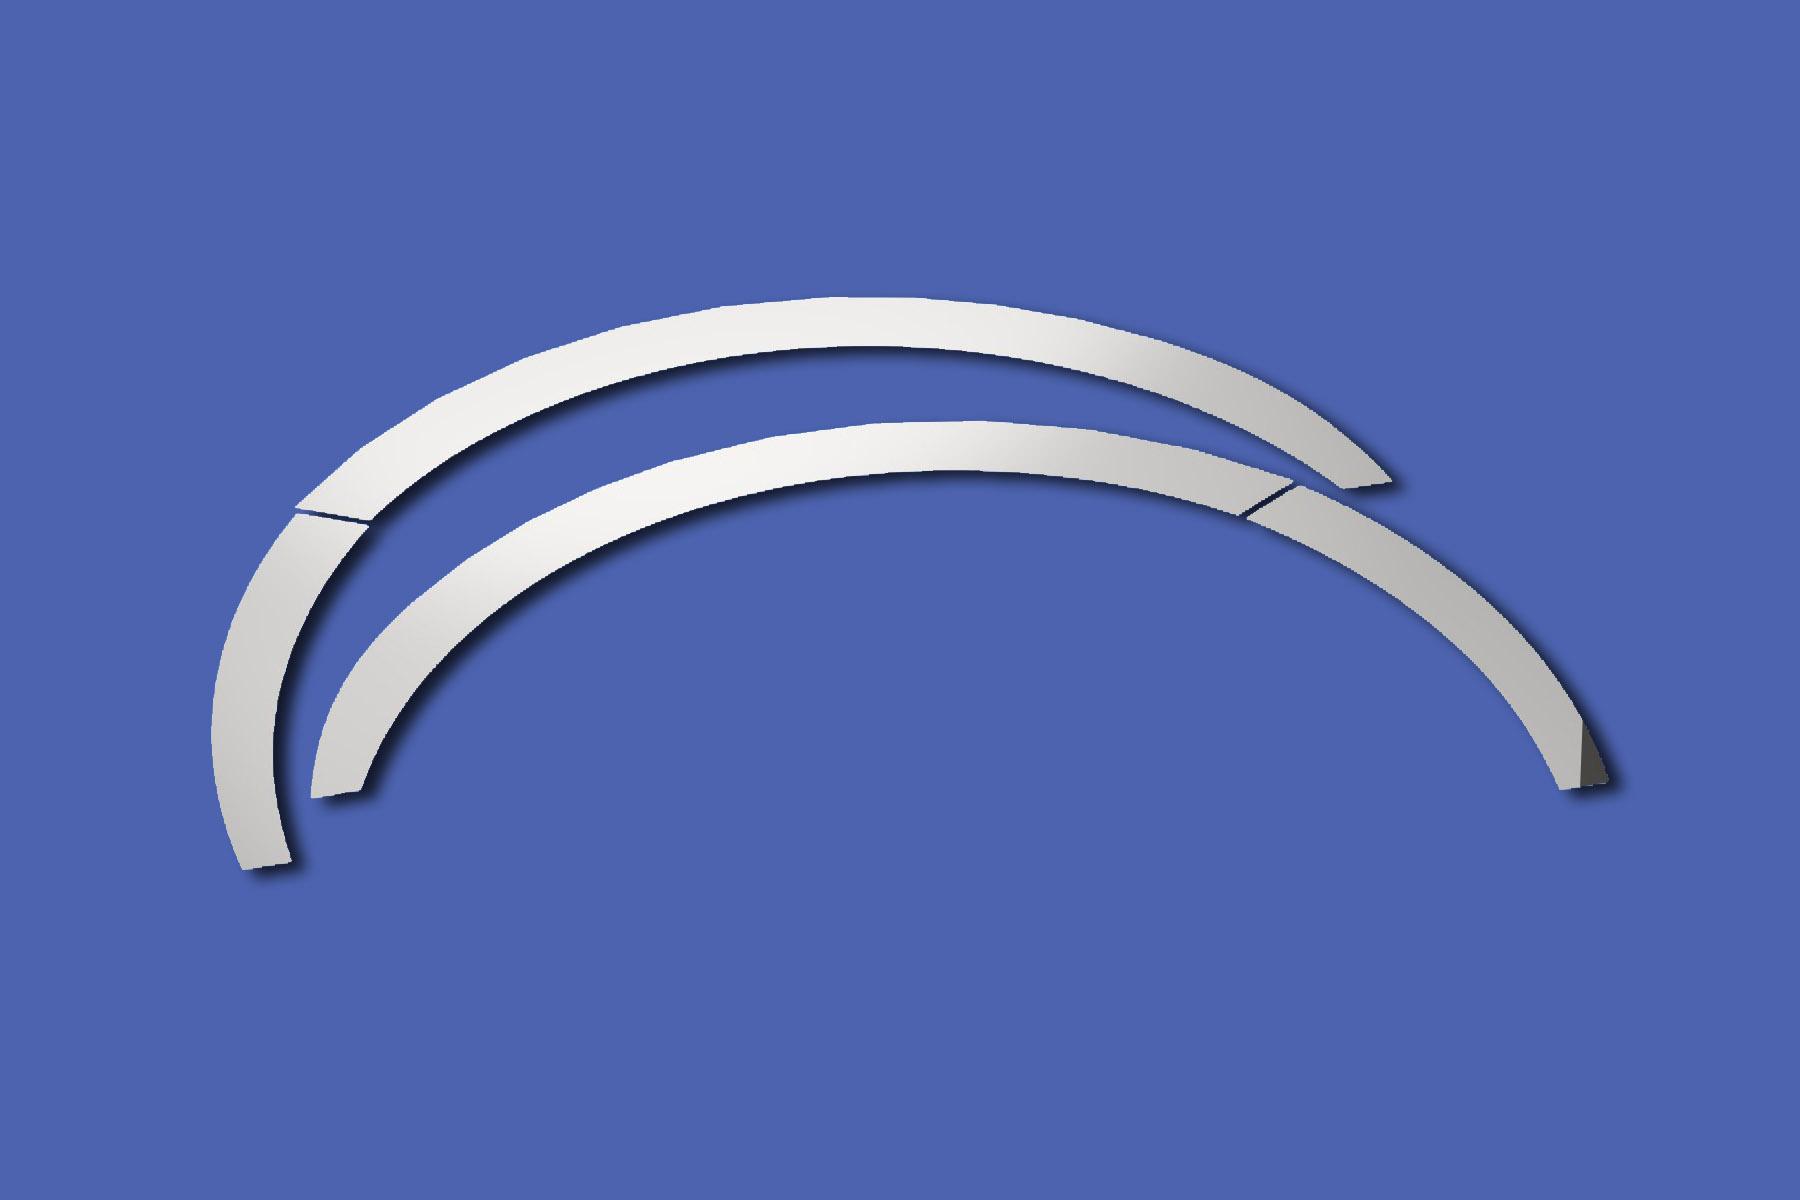 Fender Trim image